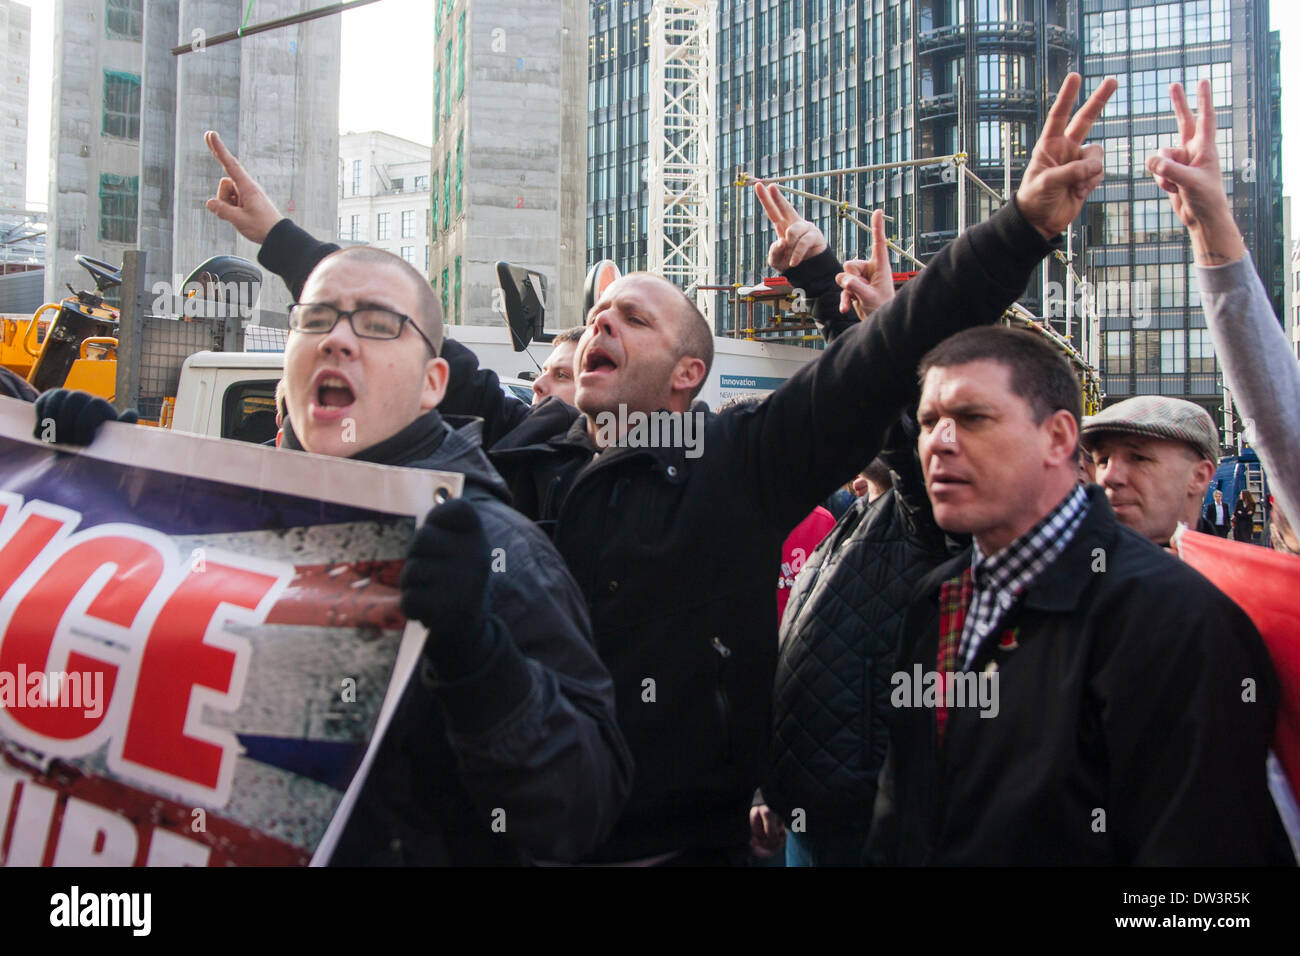 Old Bailey, London 26. Februar 2014. Mitglieder der Allianz South East skandieren Parolen als Mitglieder von mehreren Stockbild